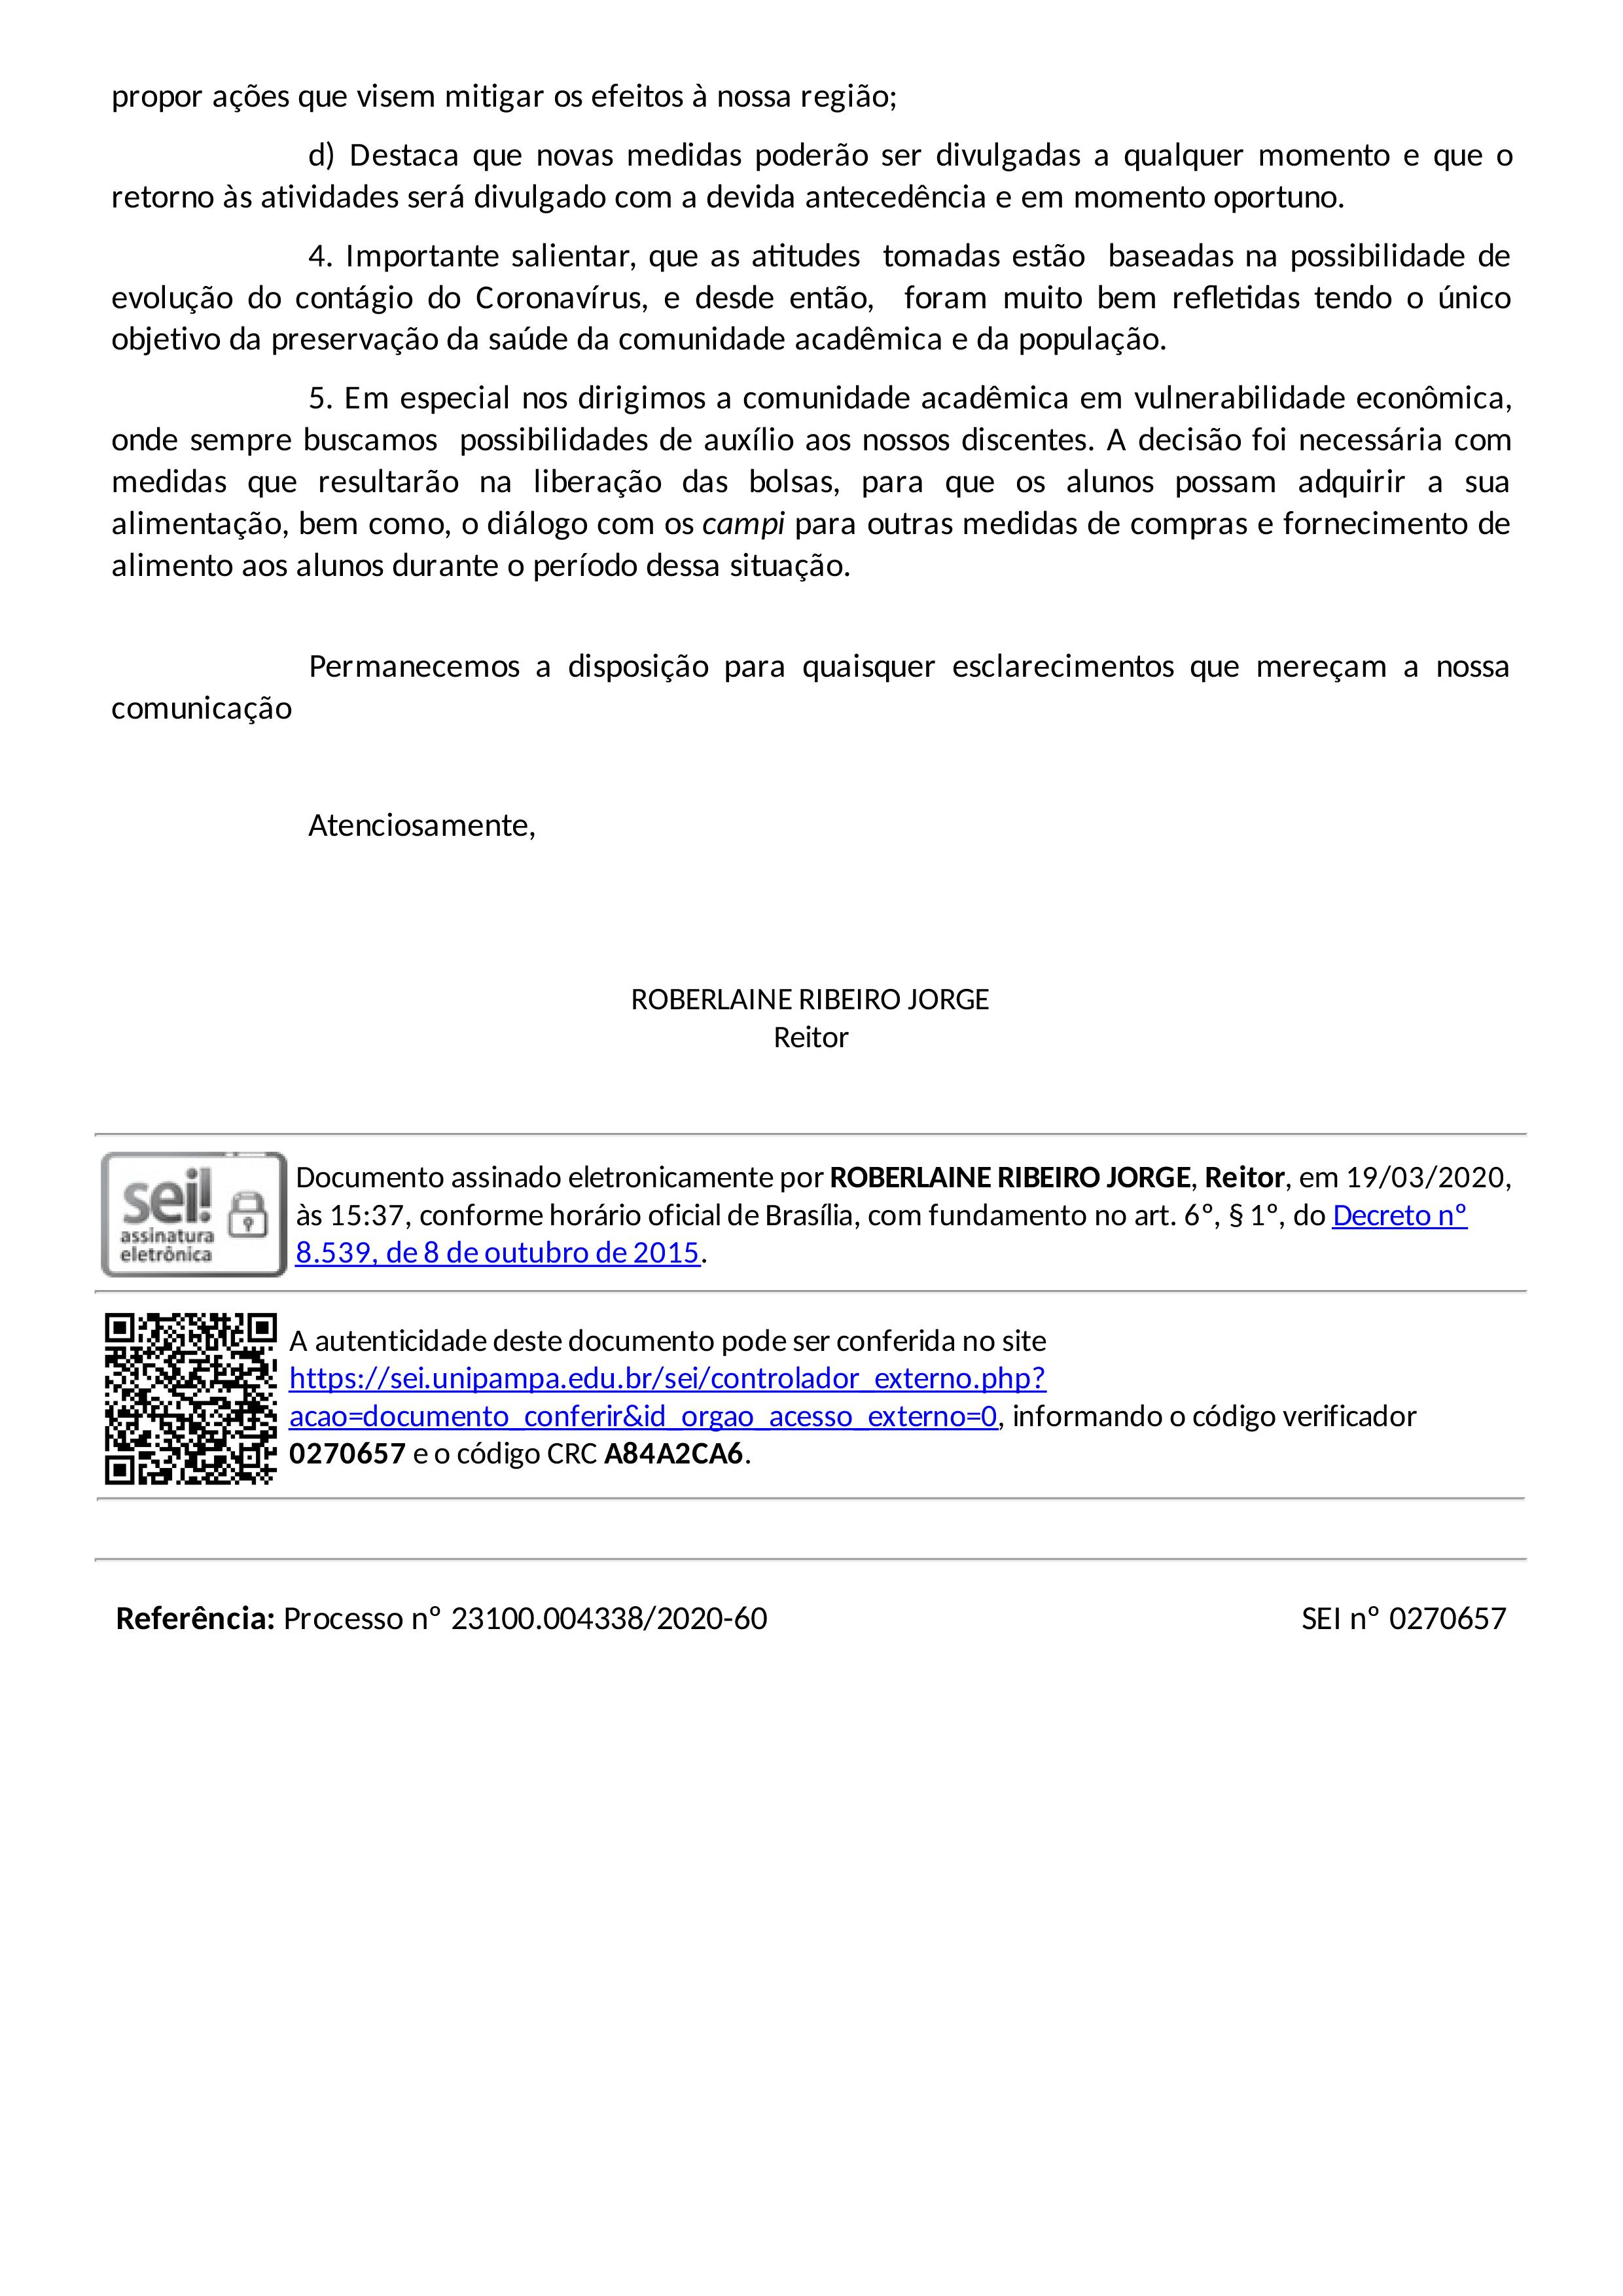 Imagem do ofício circular número 4 de 2020 reproduzido acima